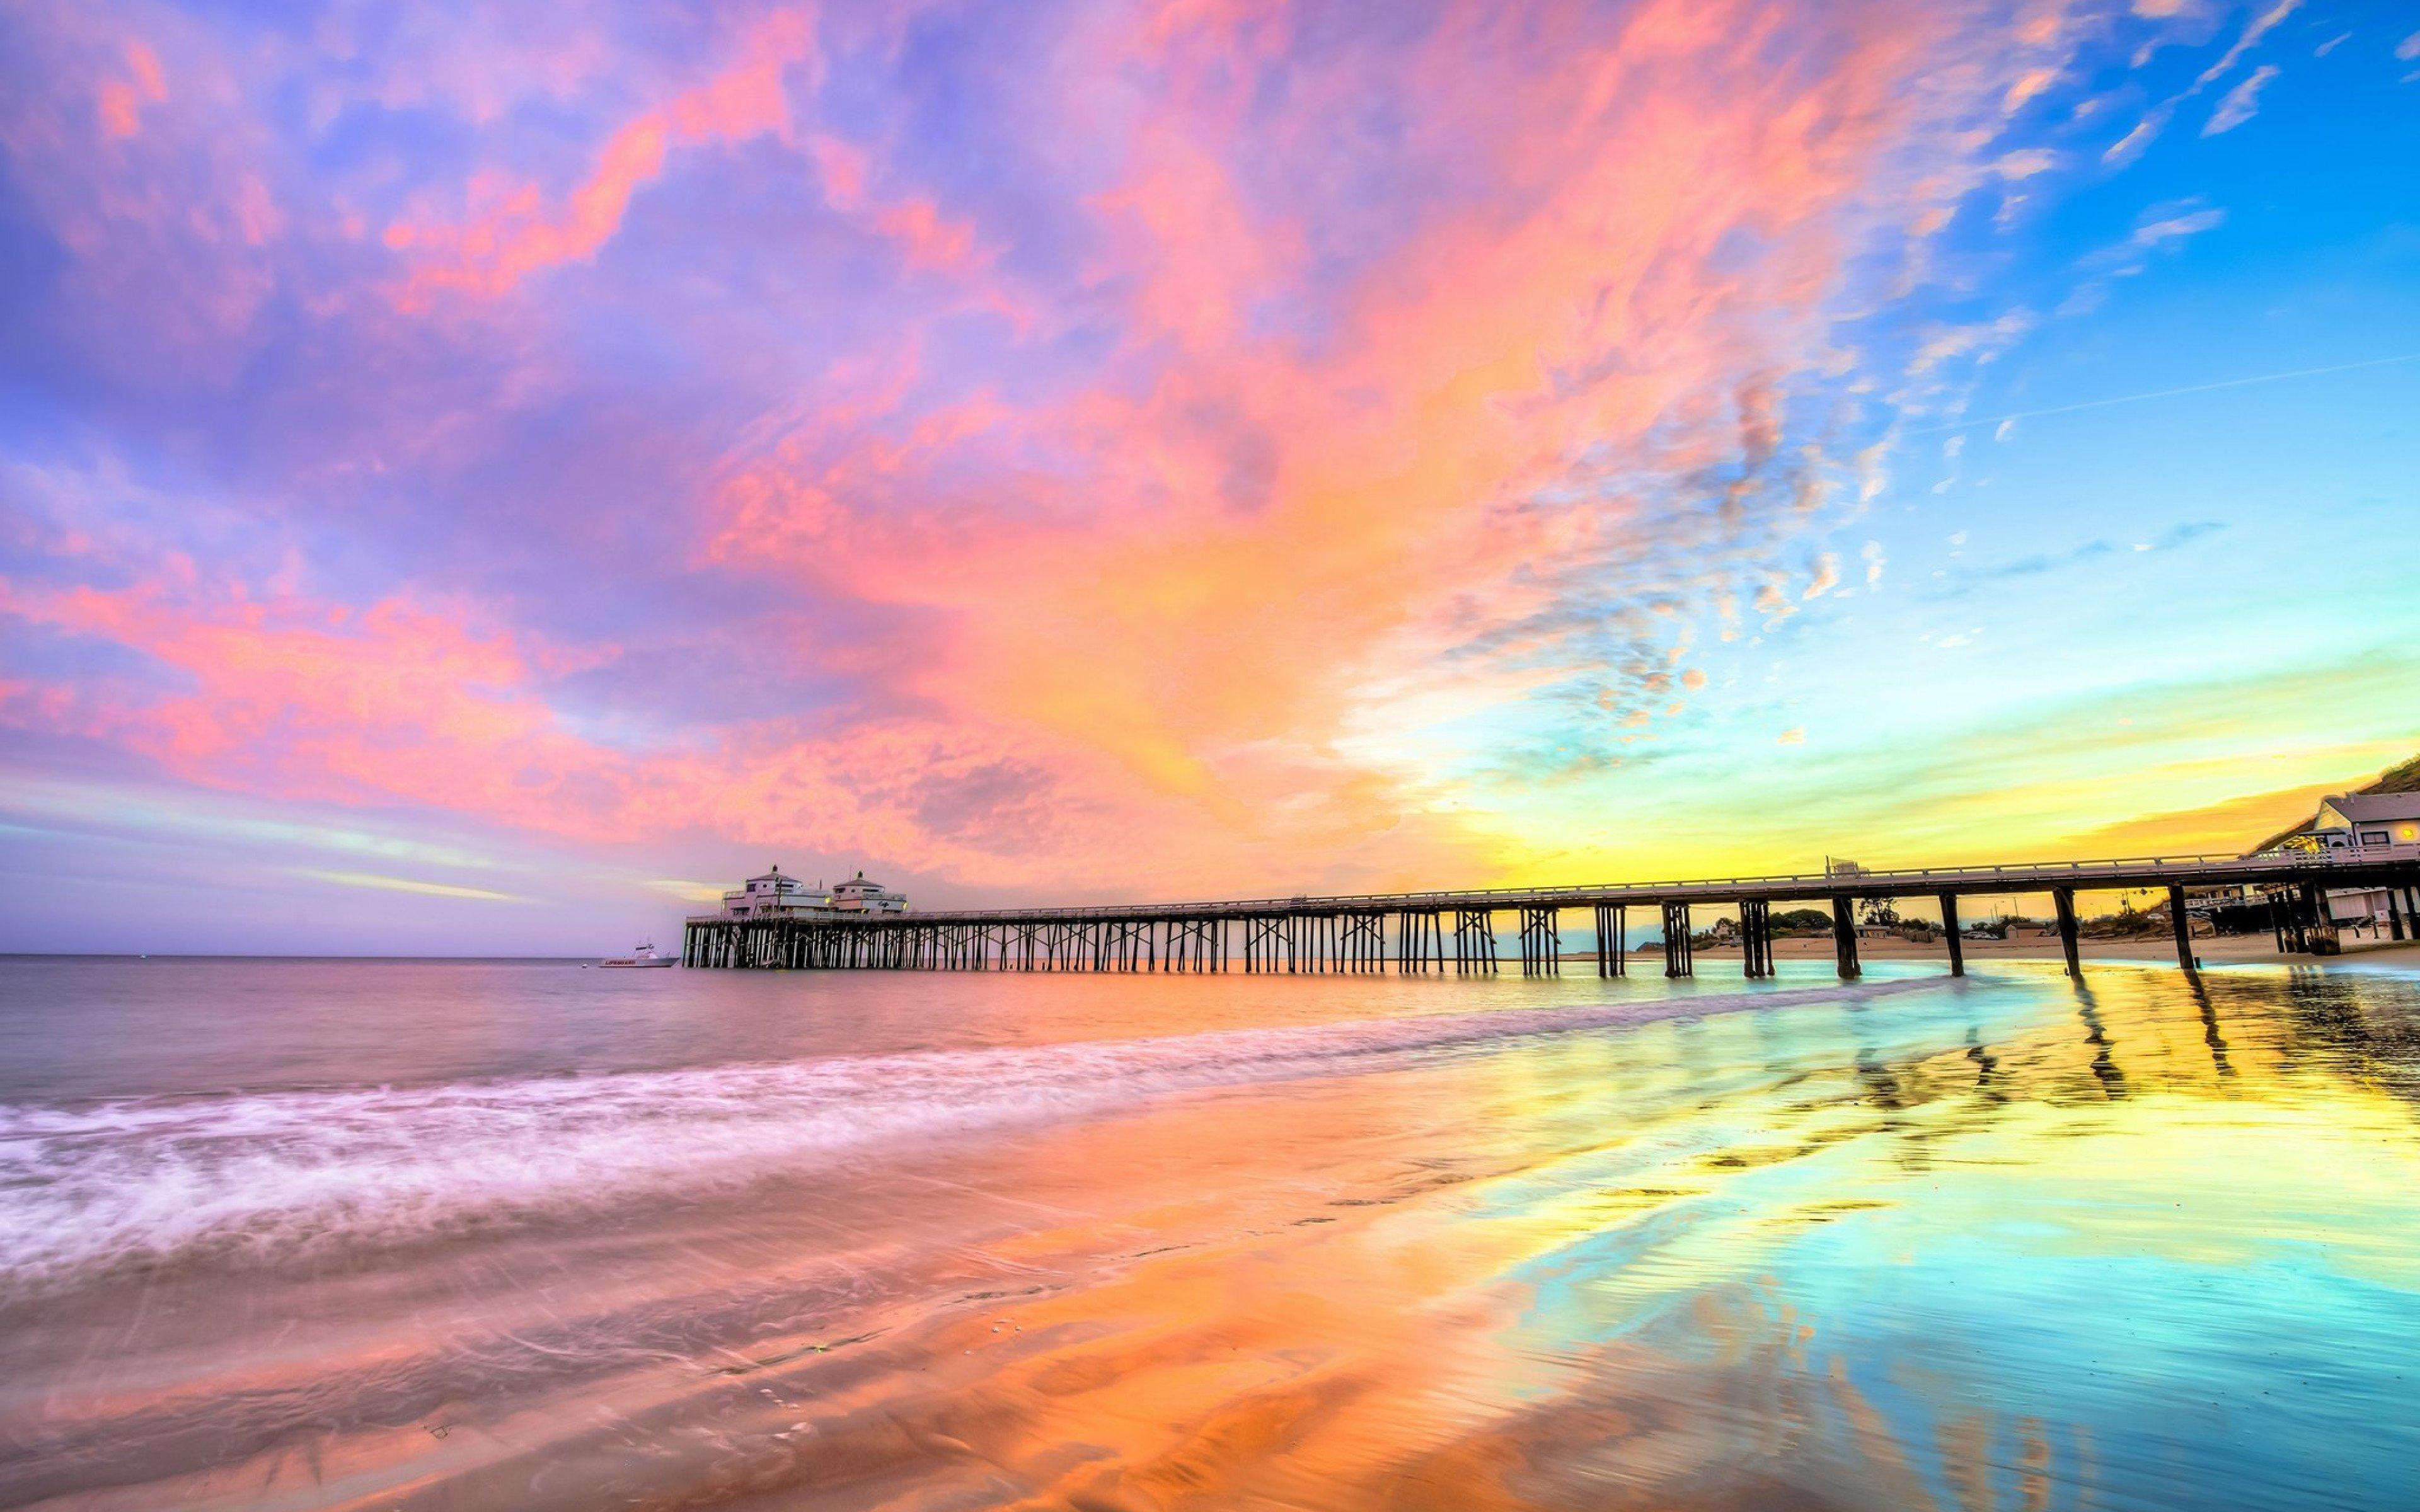 Fondos de pantalla Atardecer en muelle de playa en California